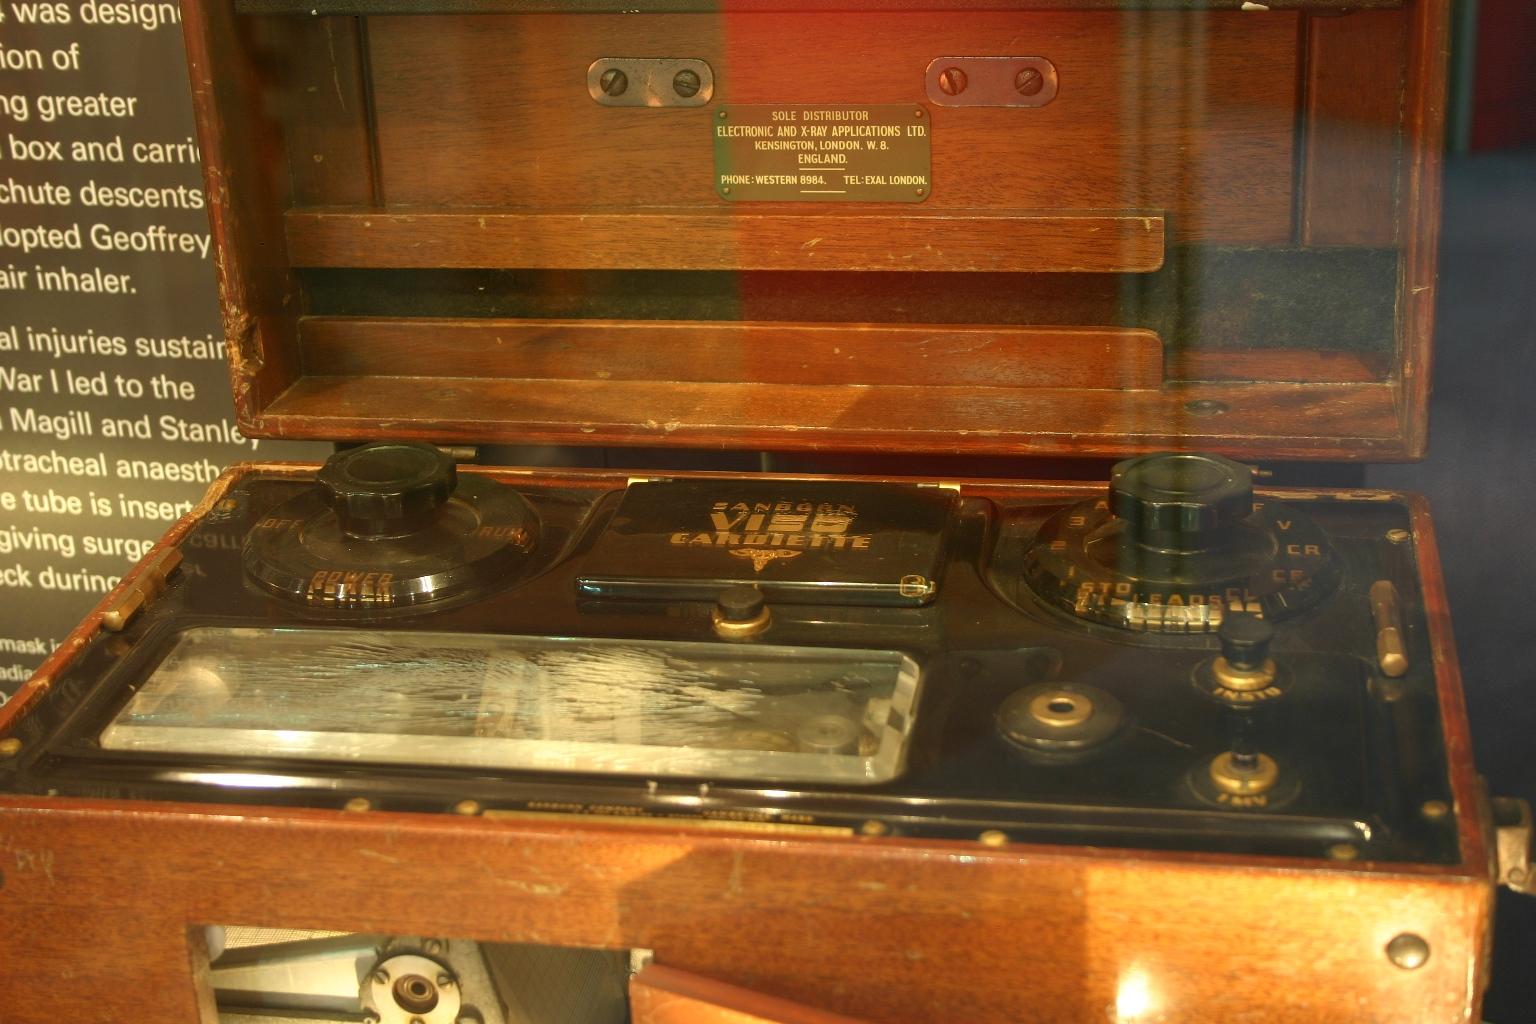 Ecg Apparatus Used On King George Vi C 1951 Himetop